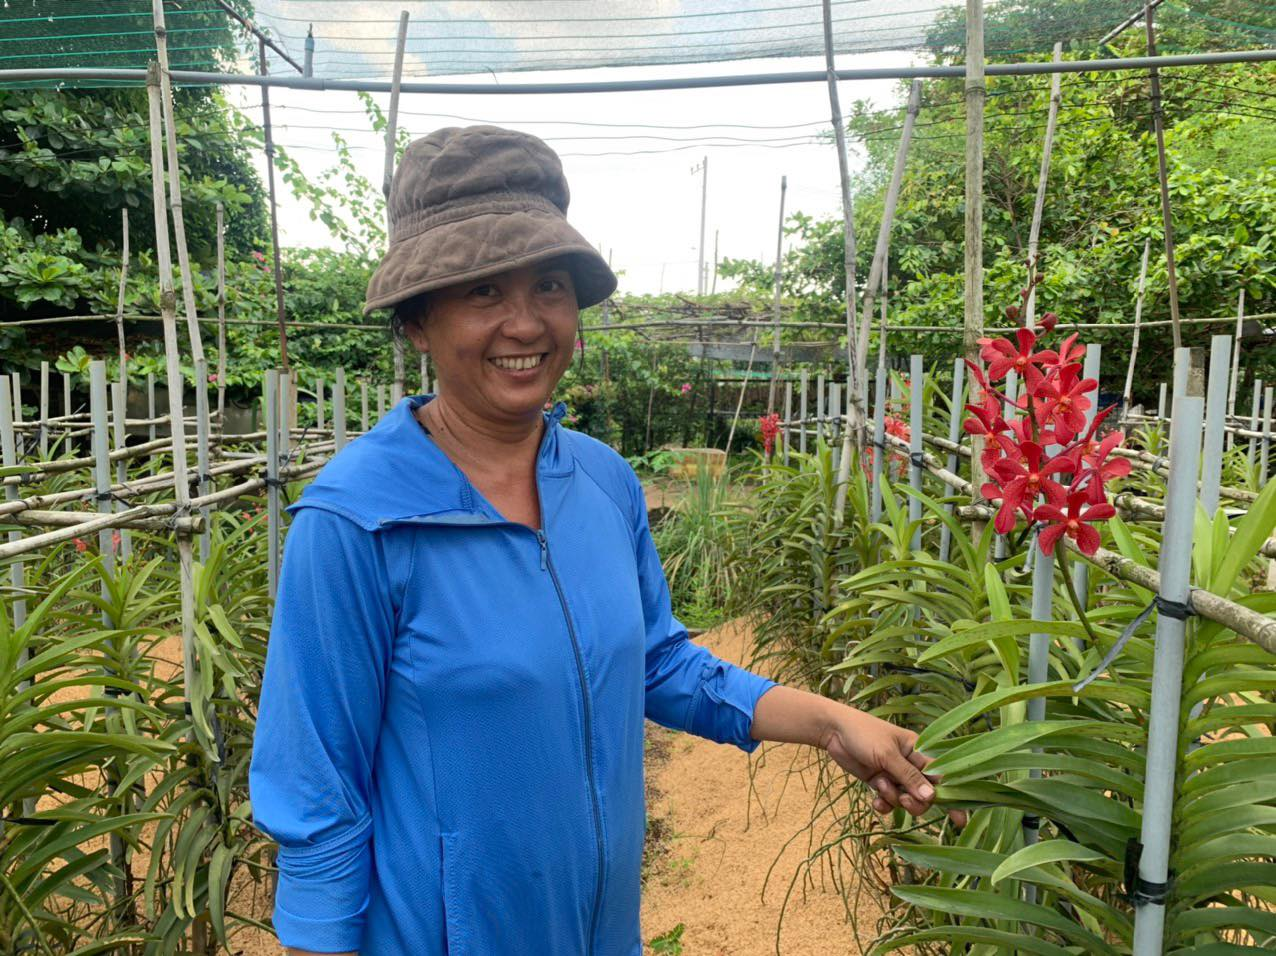 TP Hồ Chí Minh phấn đấu 50 số xã đạt chuẩn nông thôn mới kiểu mẫu